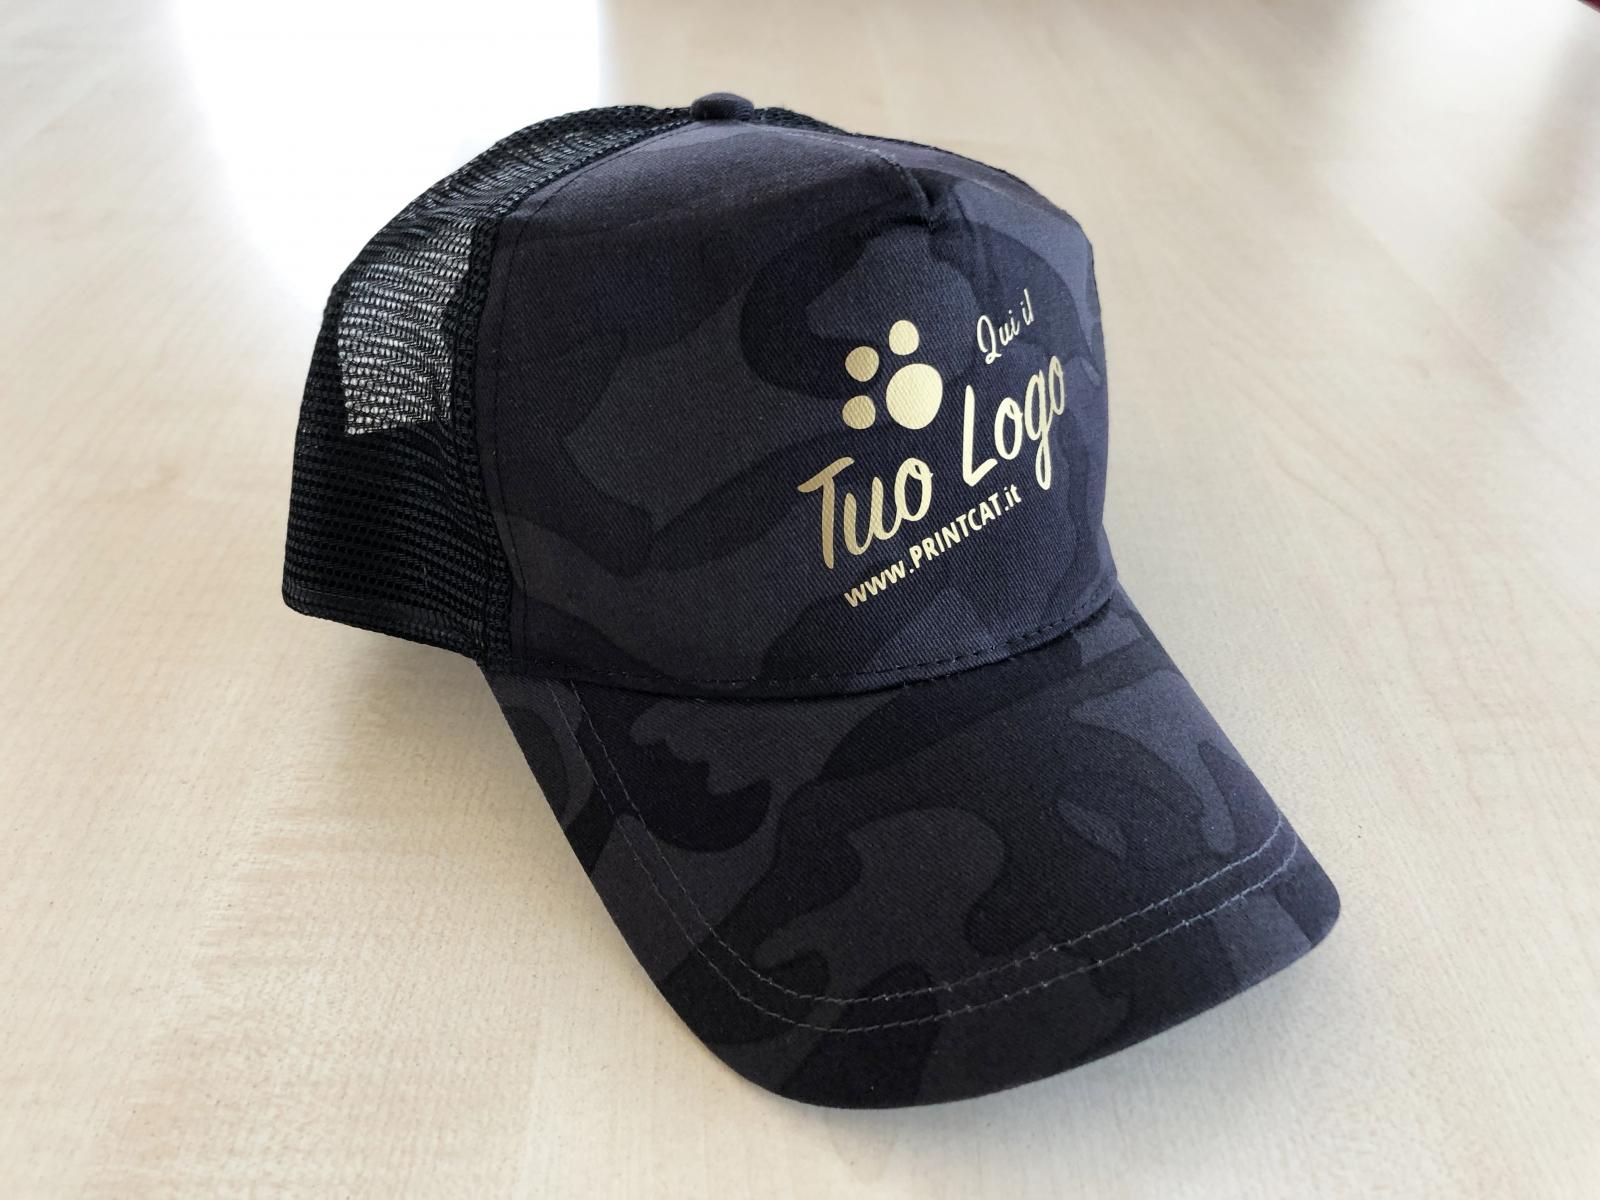 Cappelli personalizzati e Cappellini con logo